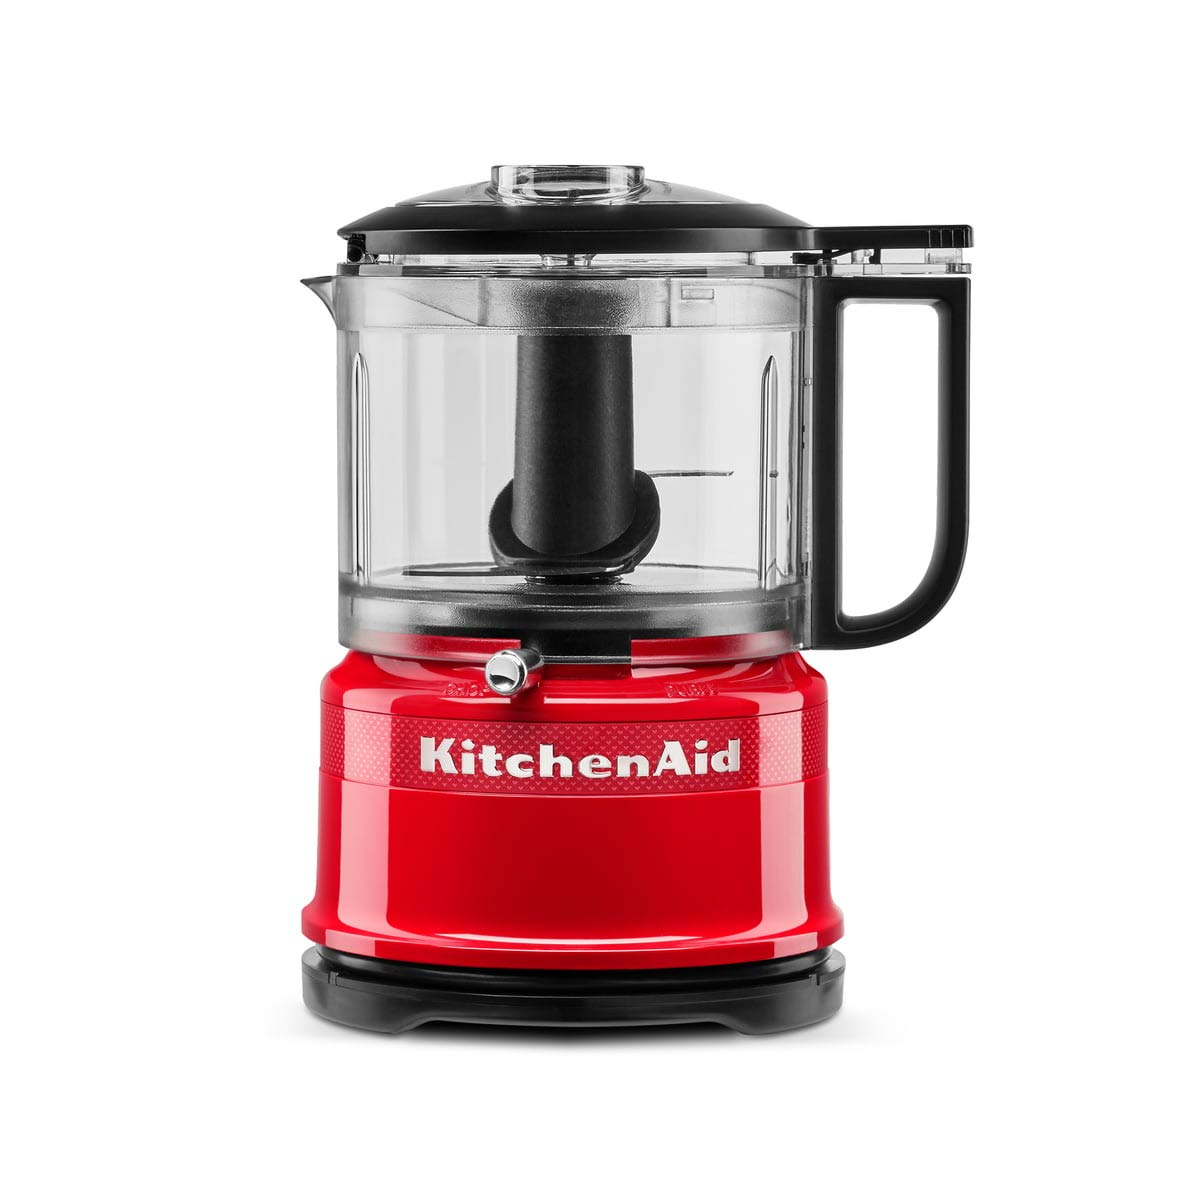 KitchenAid 5KFC3516H - Robot de cocina (0,83 L, Negro, Rojo, Botones, palanca, 3450 RPM, 0,83 L, Mezcla, Mezcla, Puré): Amazon.es: Hogar